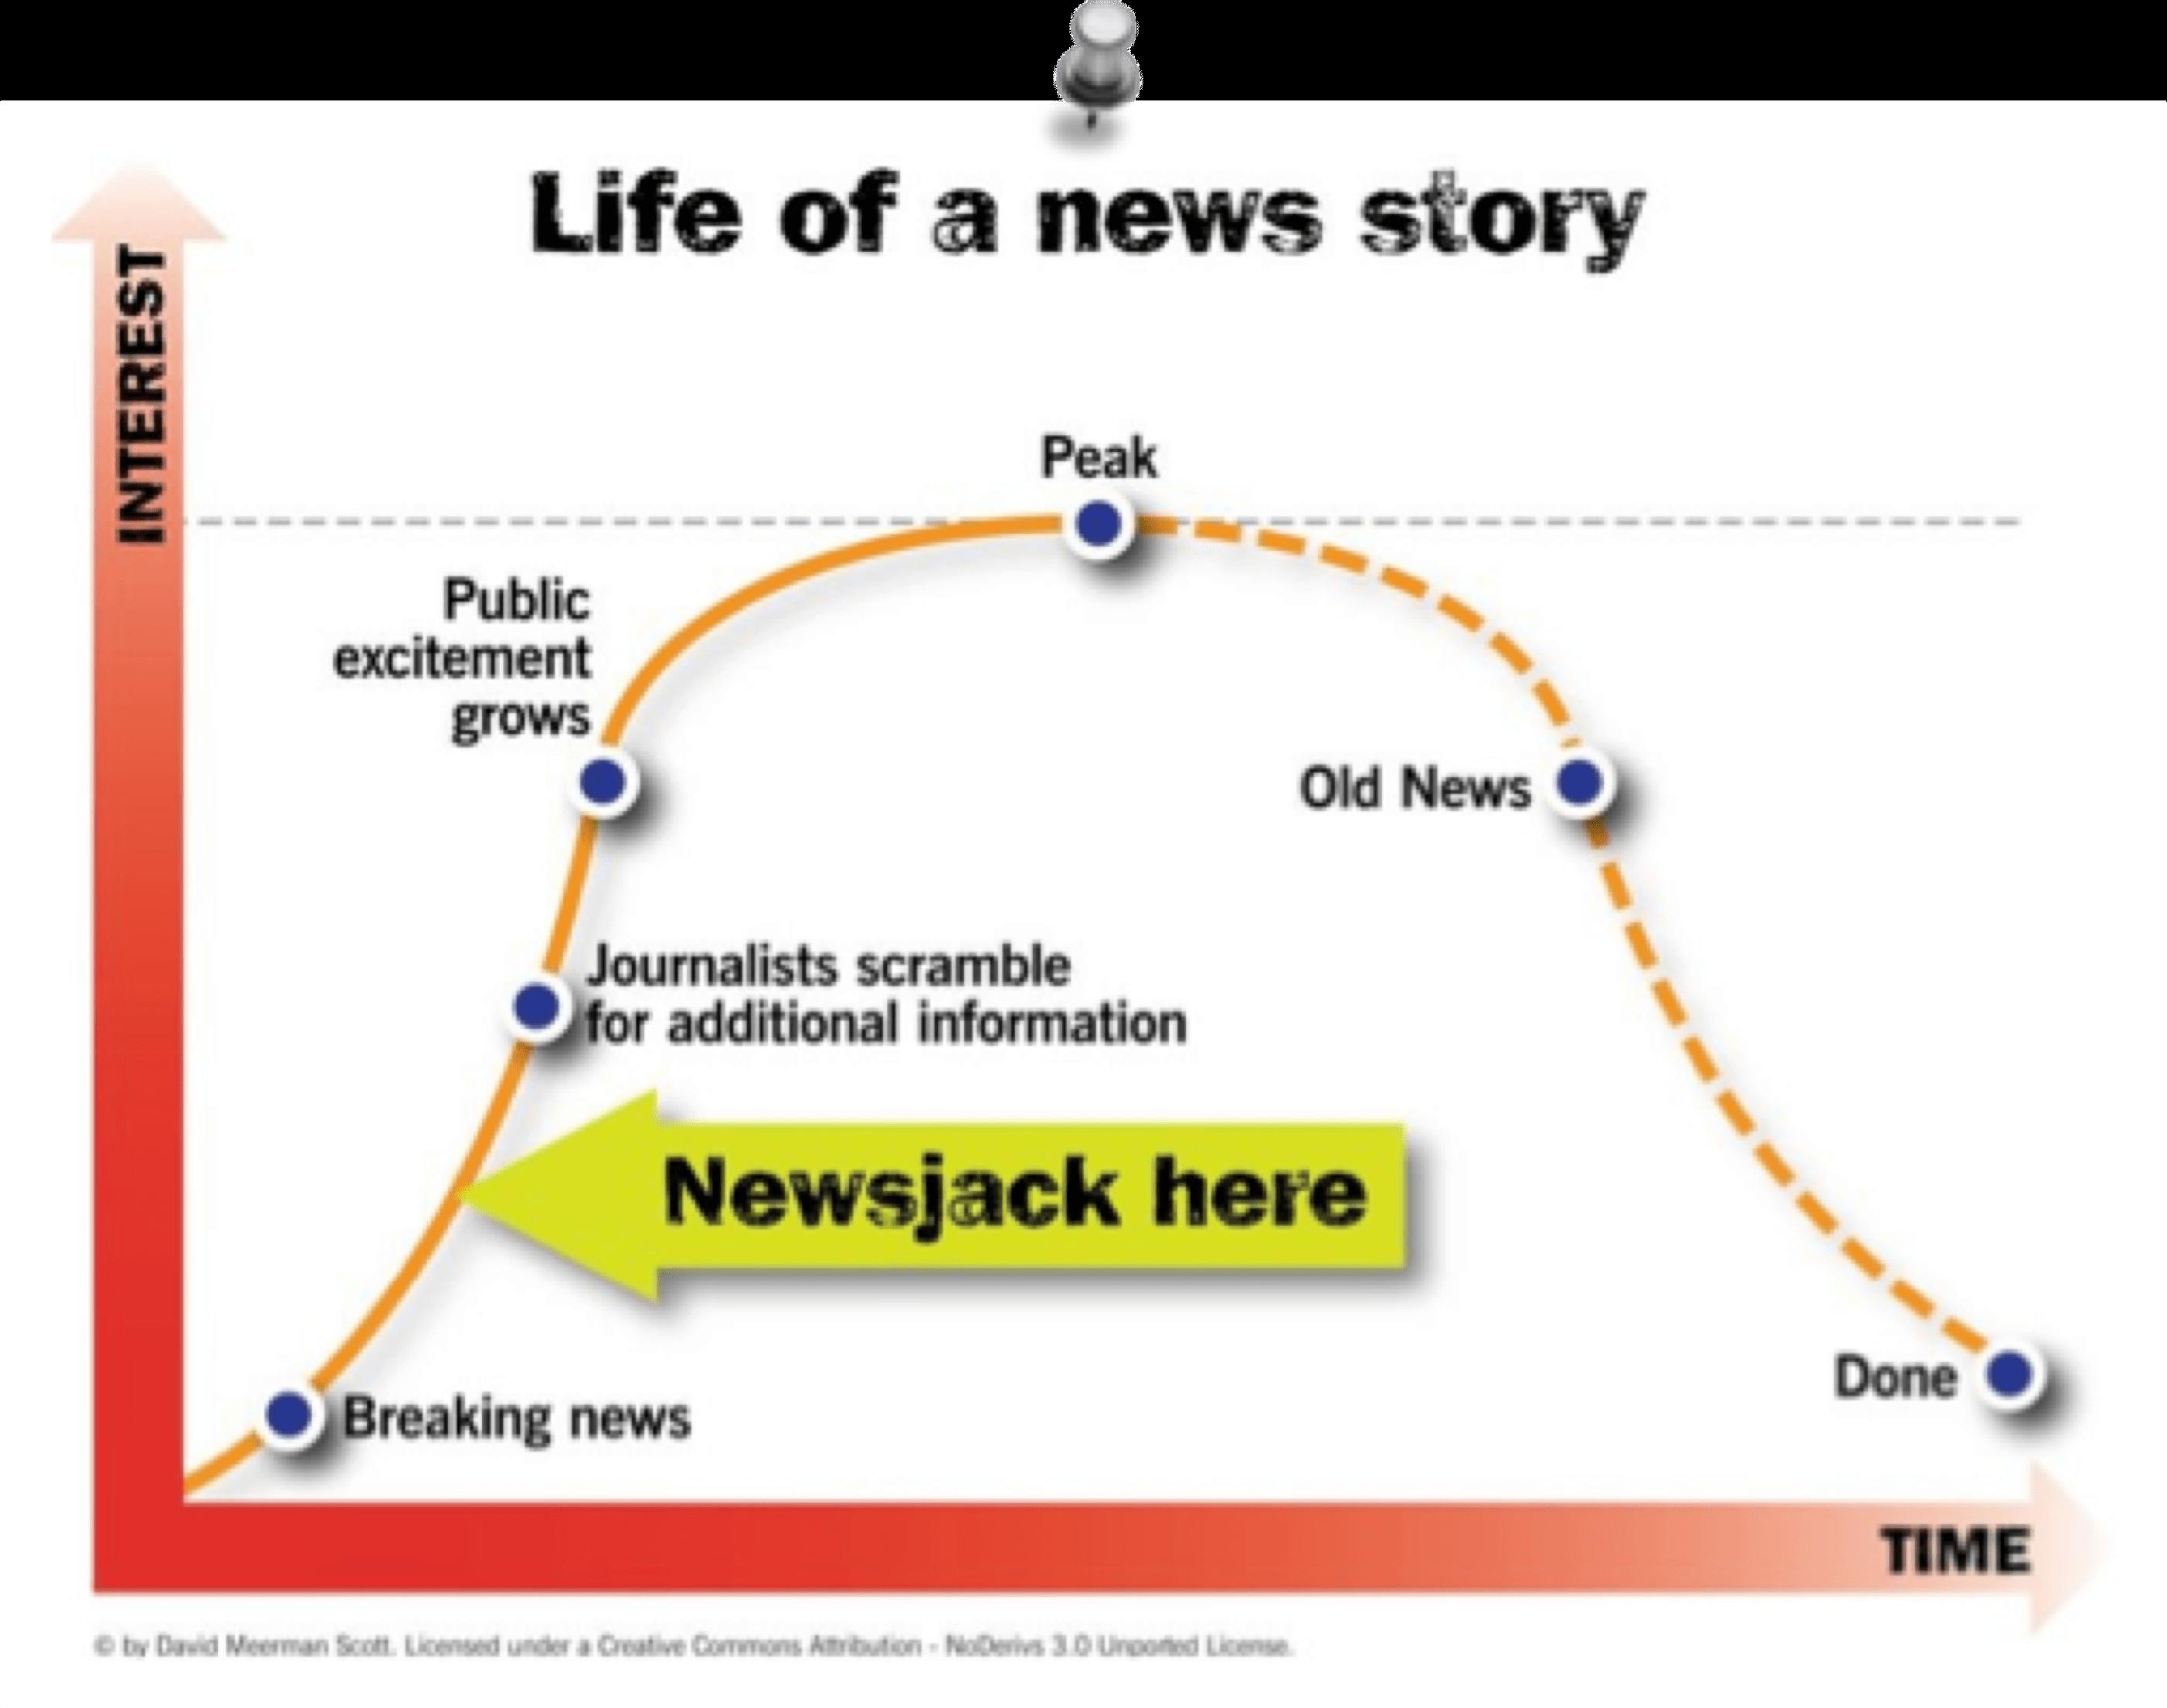 Cycle de vie d'une news